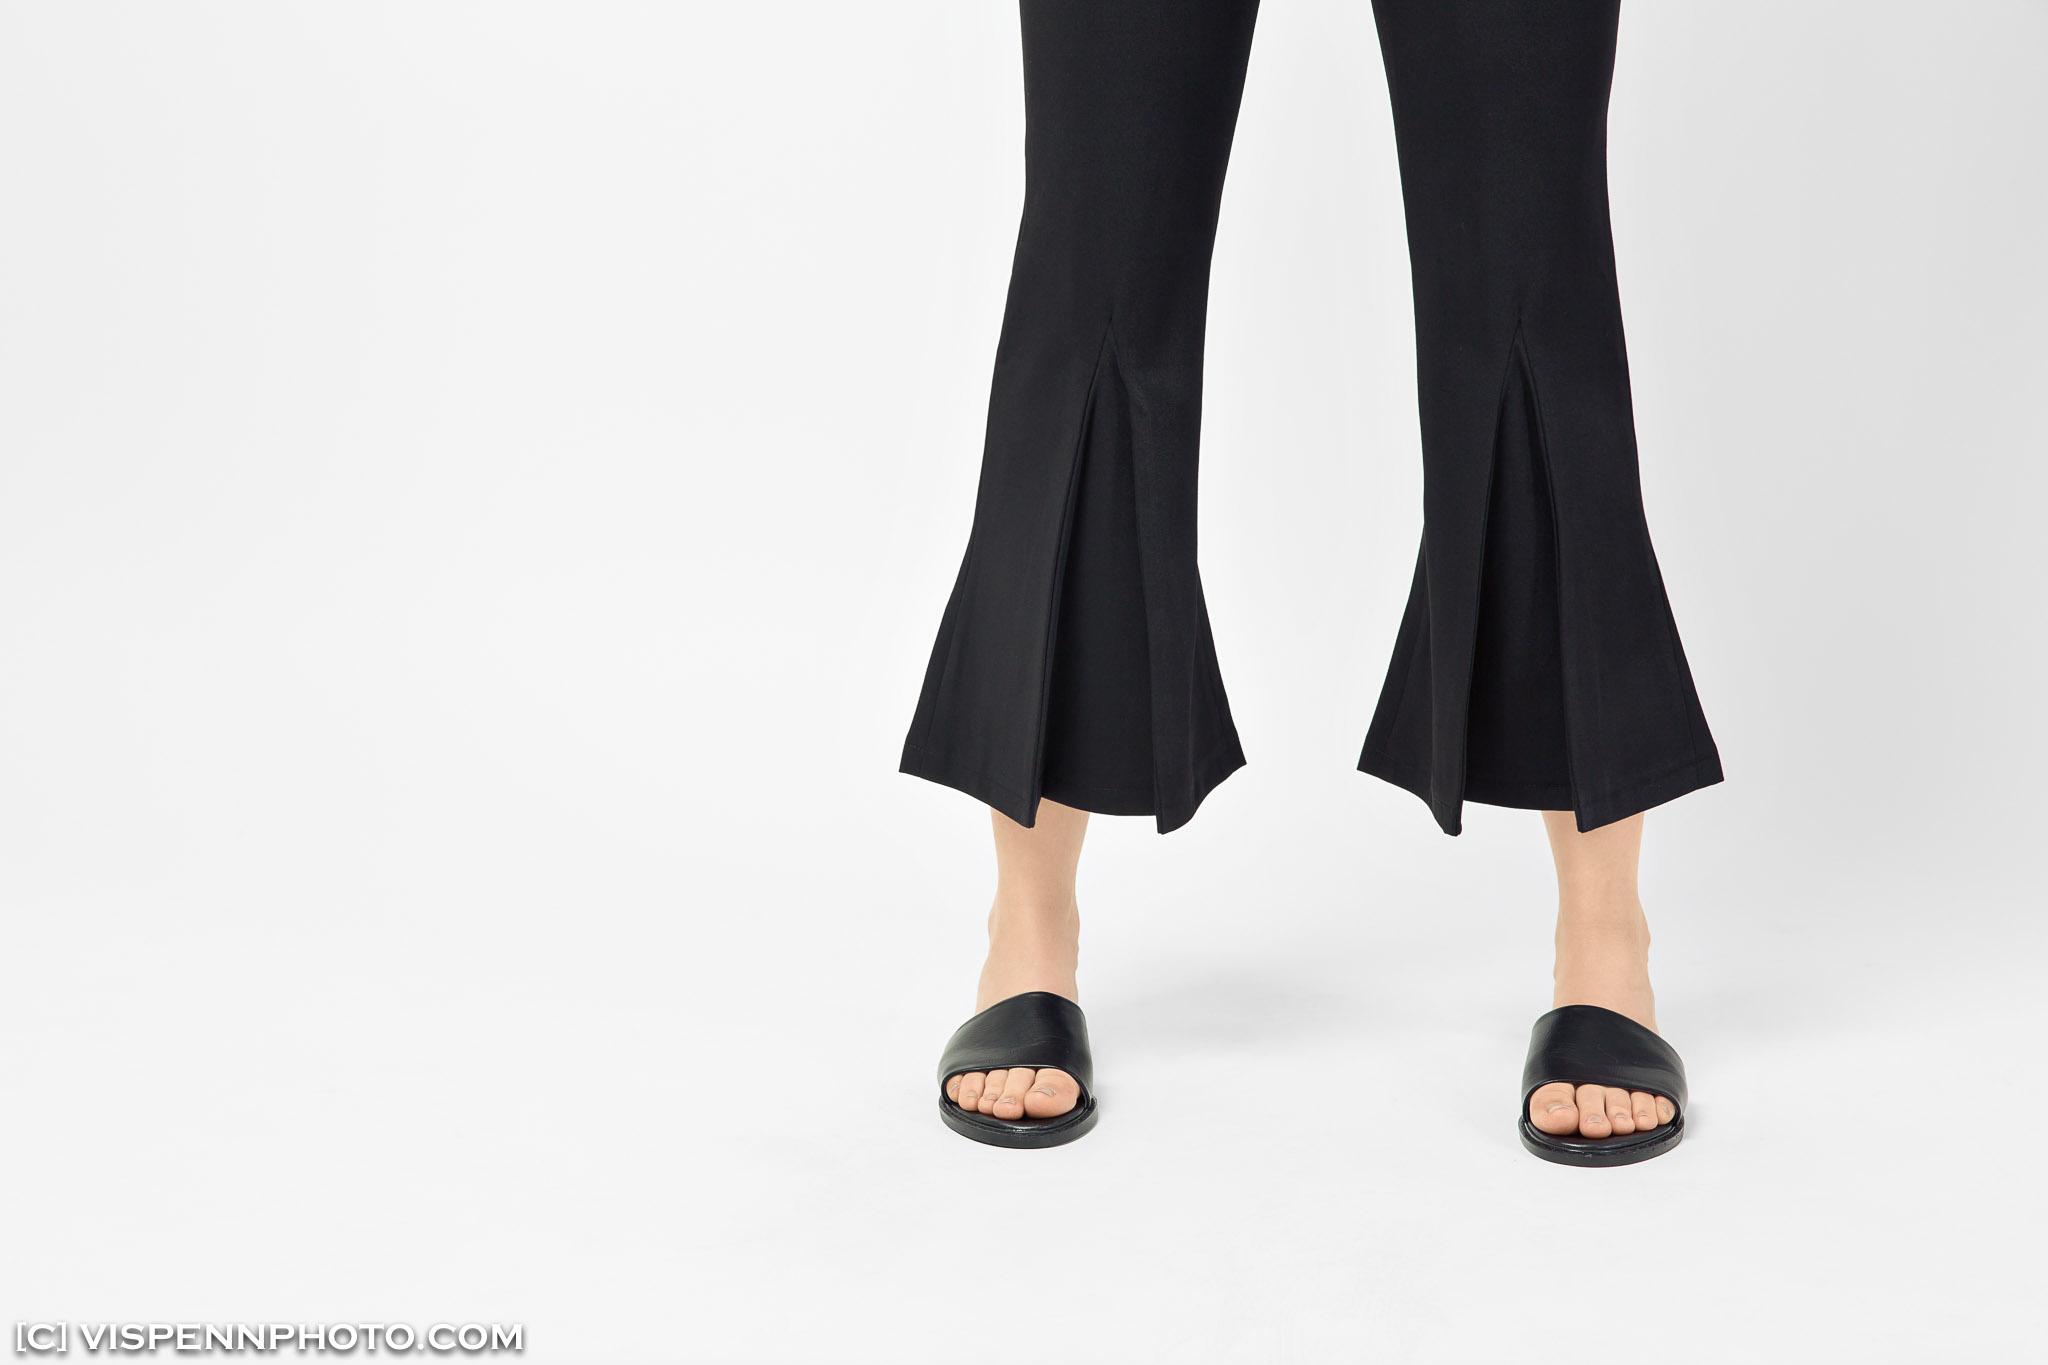 Melbourne Fashion Portrait Commercial Photography VISPENN 墨尔本 服装 商业 人像 摄影 5D1 9853